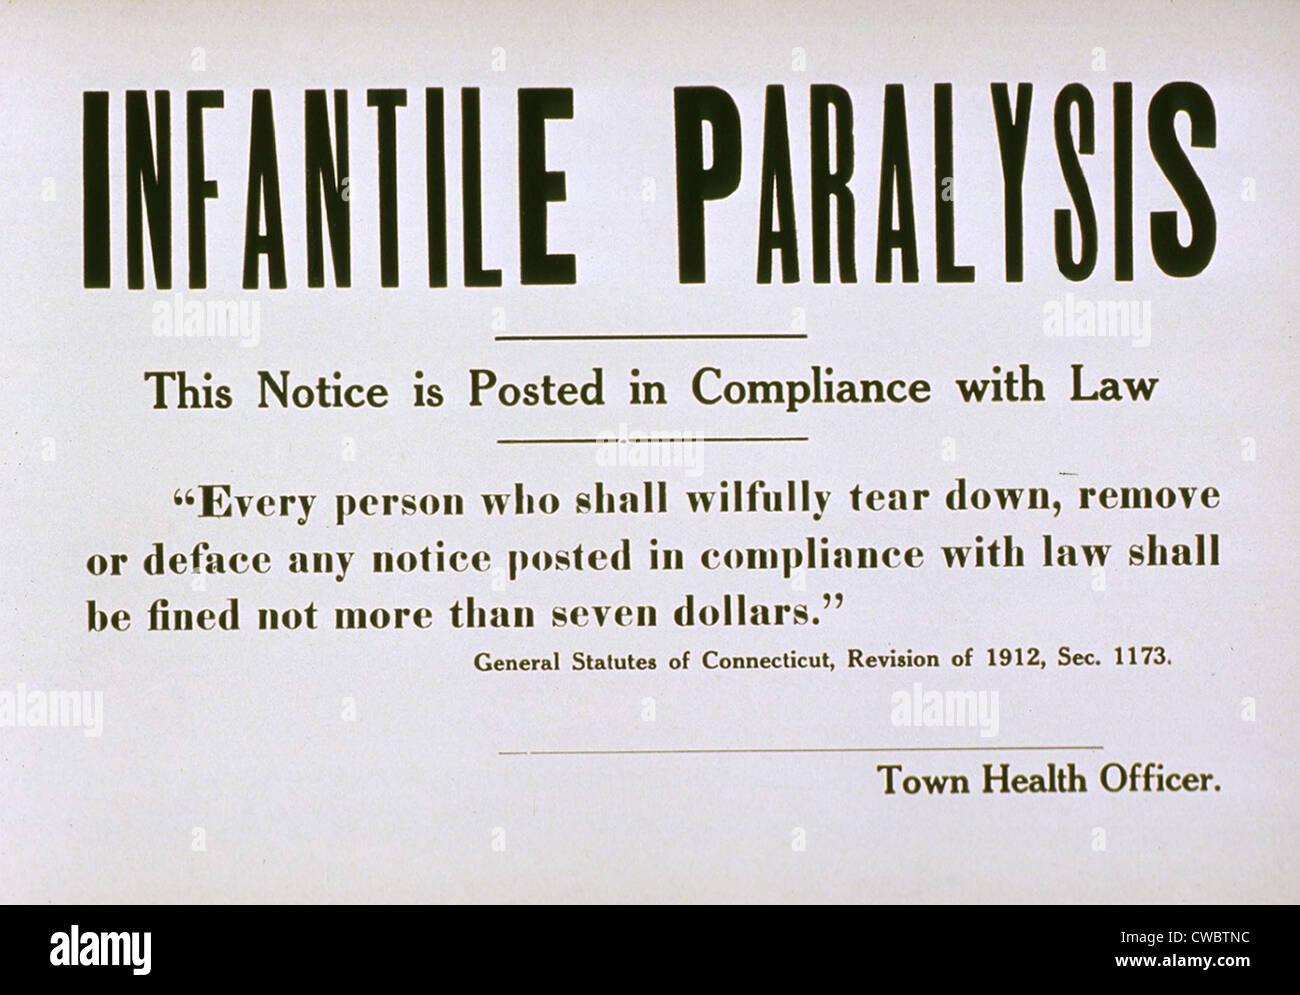 Nei primi anni del XX secolo segno di quarantena per la malattia contagiosa paralisi infantile (Polio). Immagini Stock